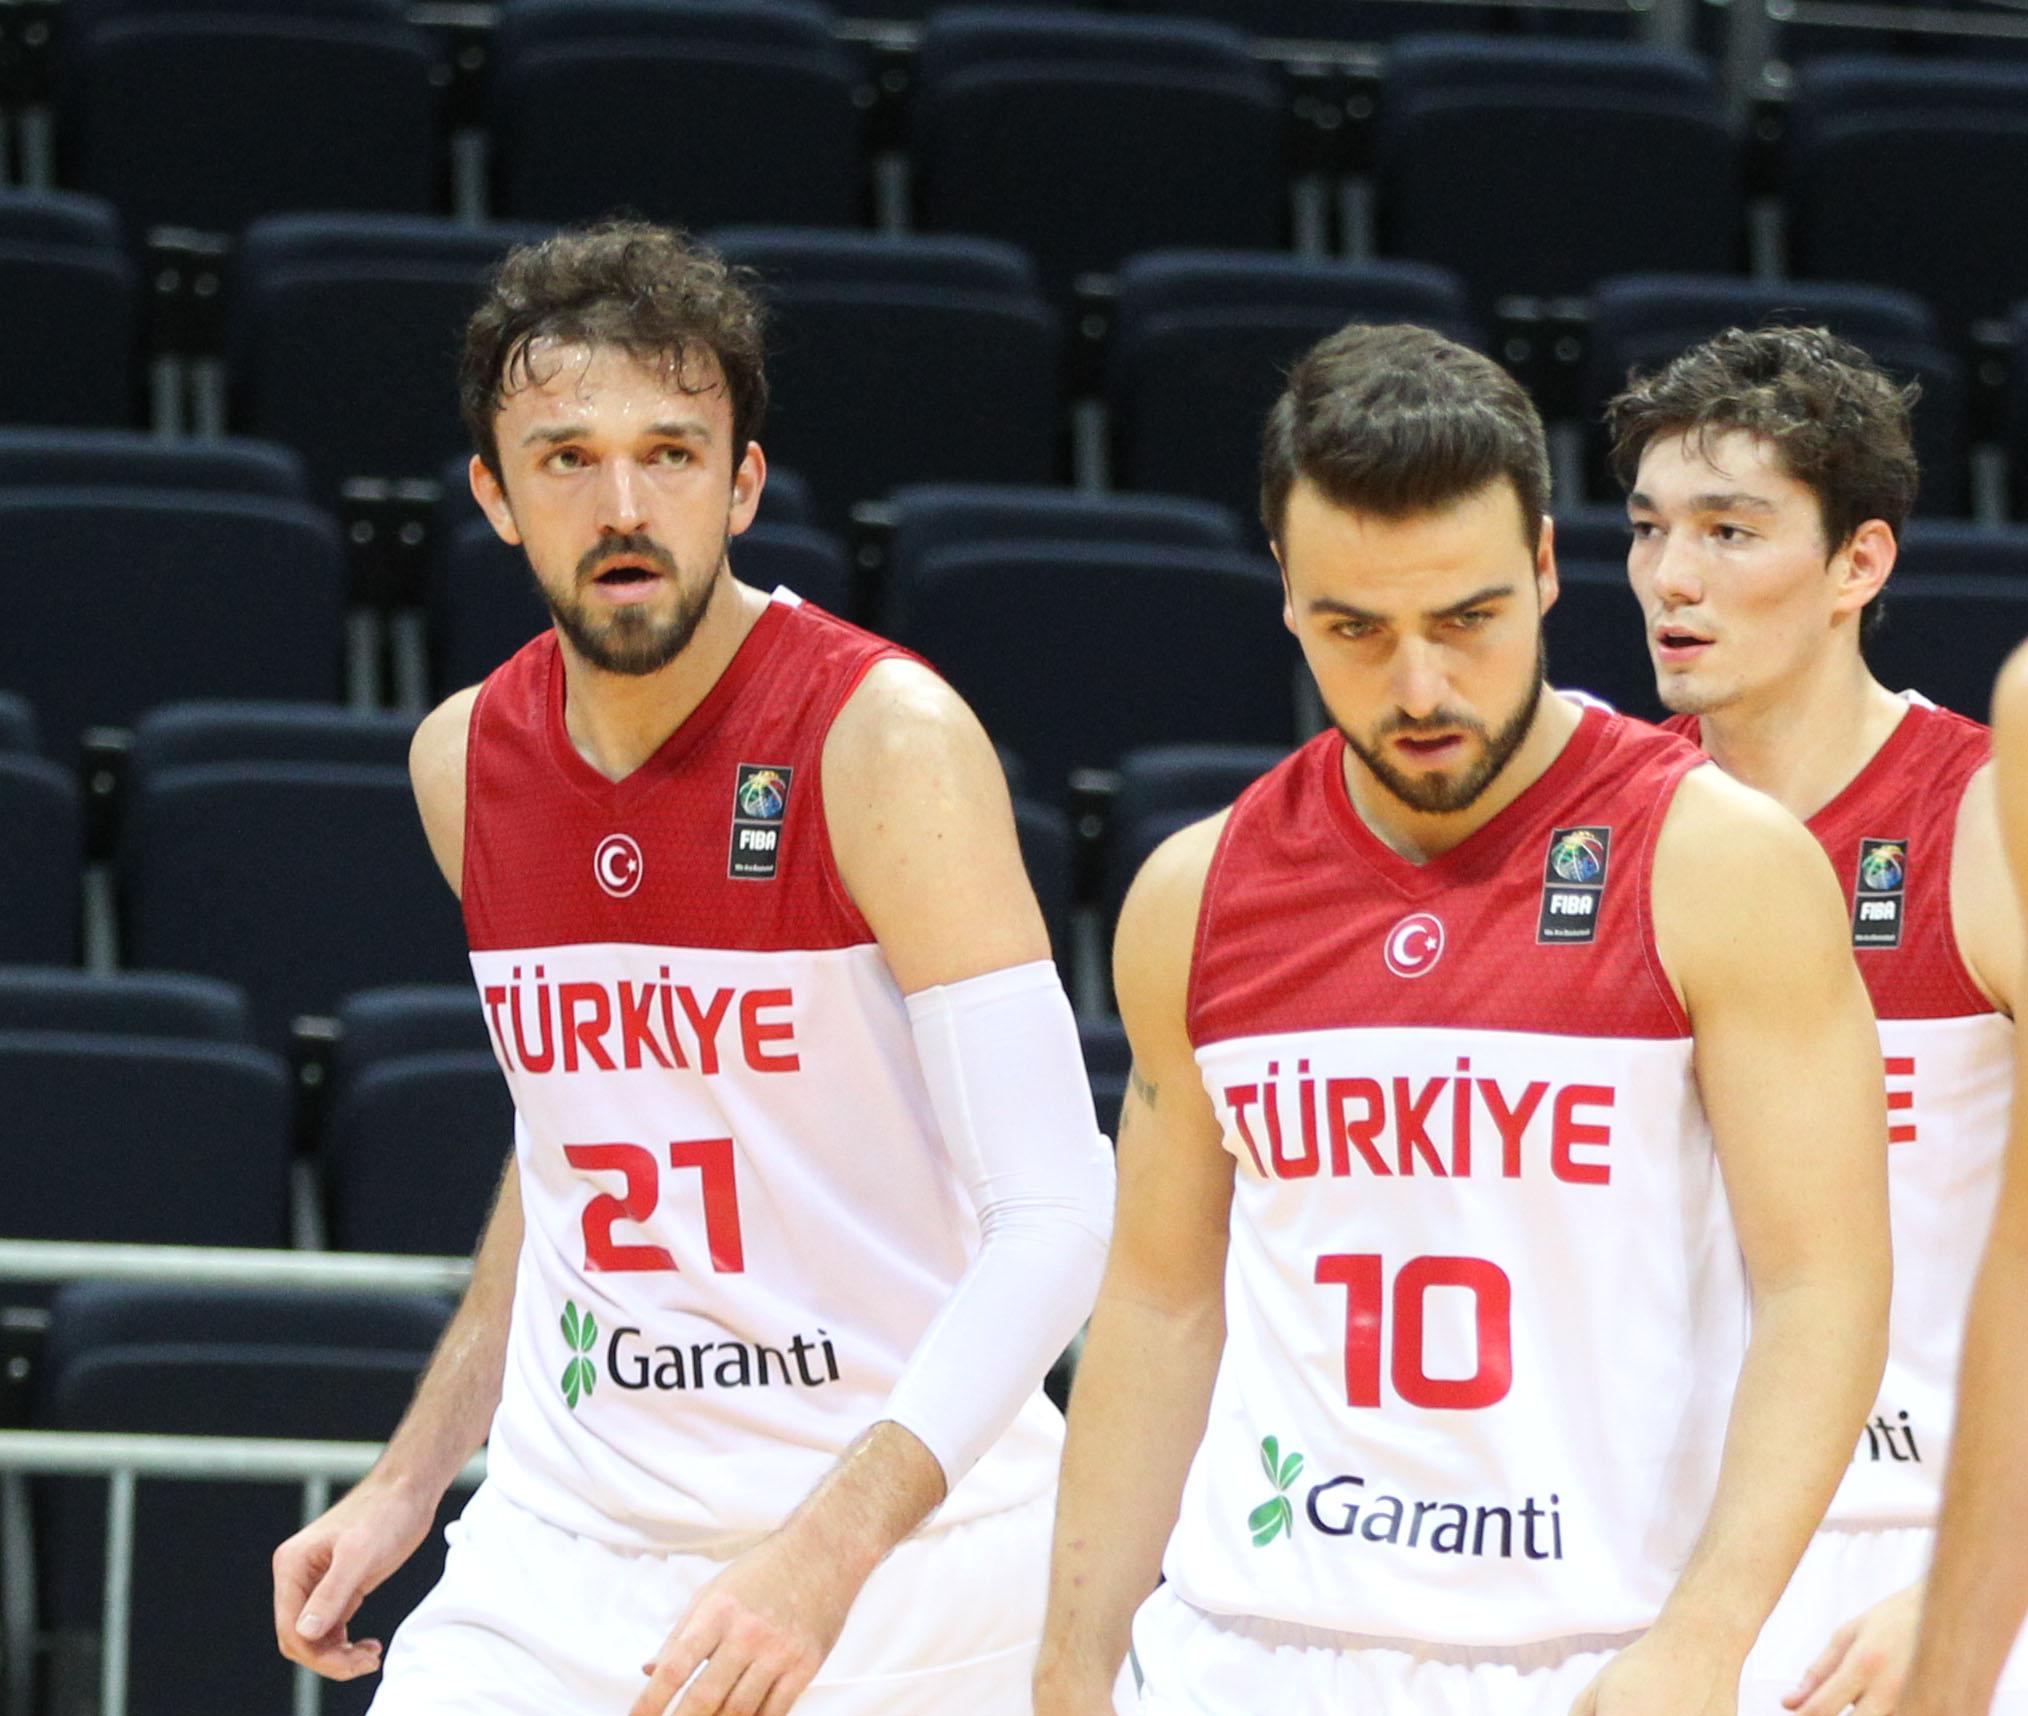 Turkiye Karadagi Maglup Etti Basket Dergisi Basketbol Basketbol Haberleri Basketbol Maci